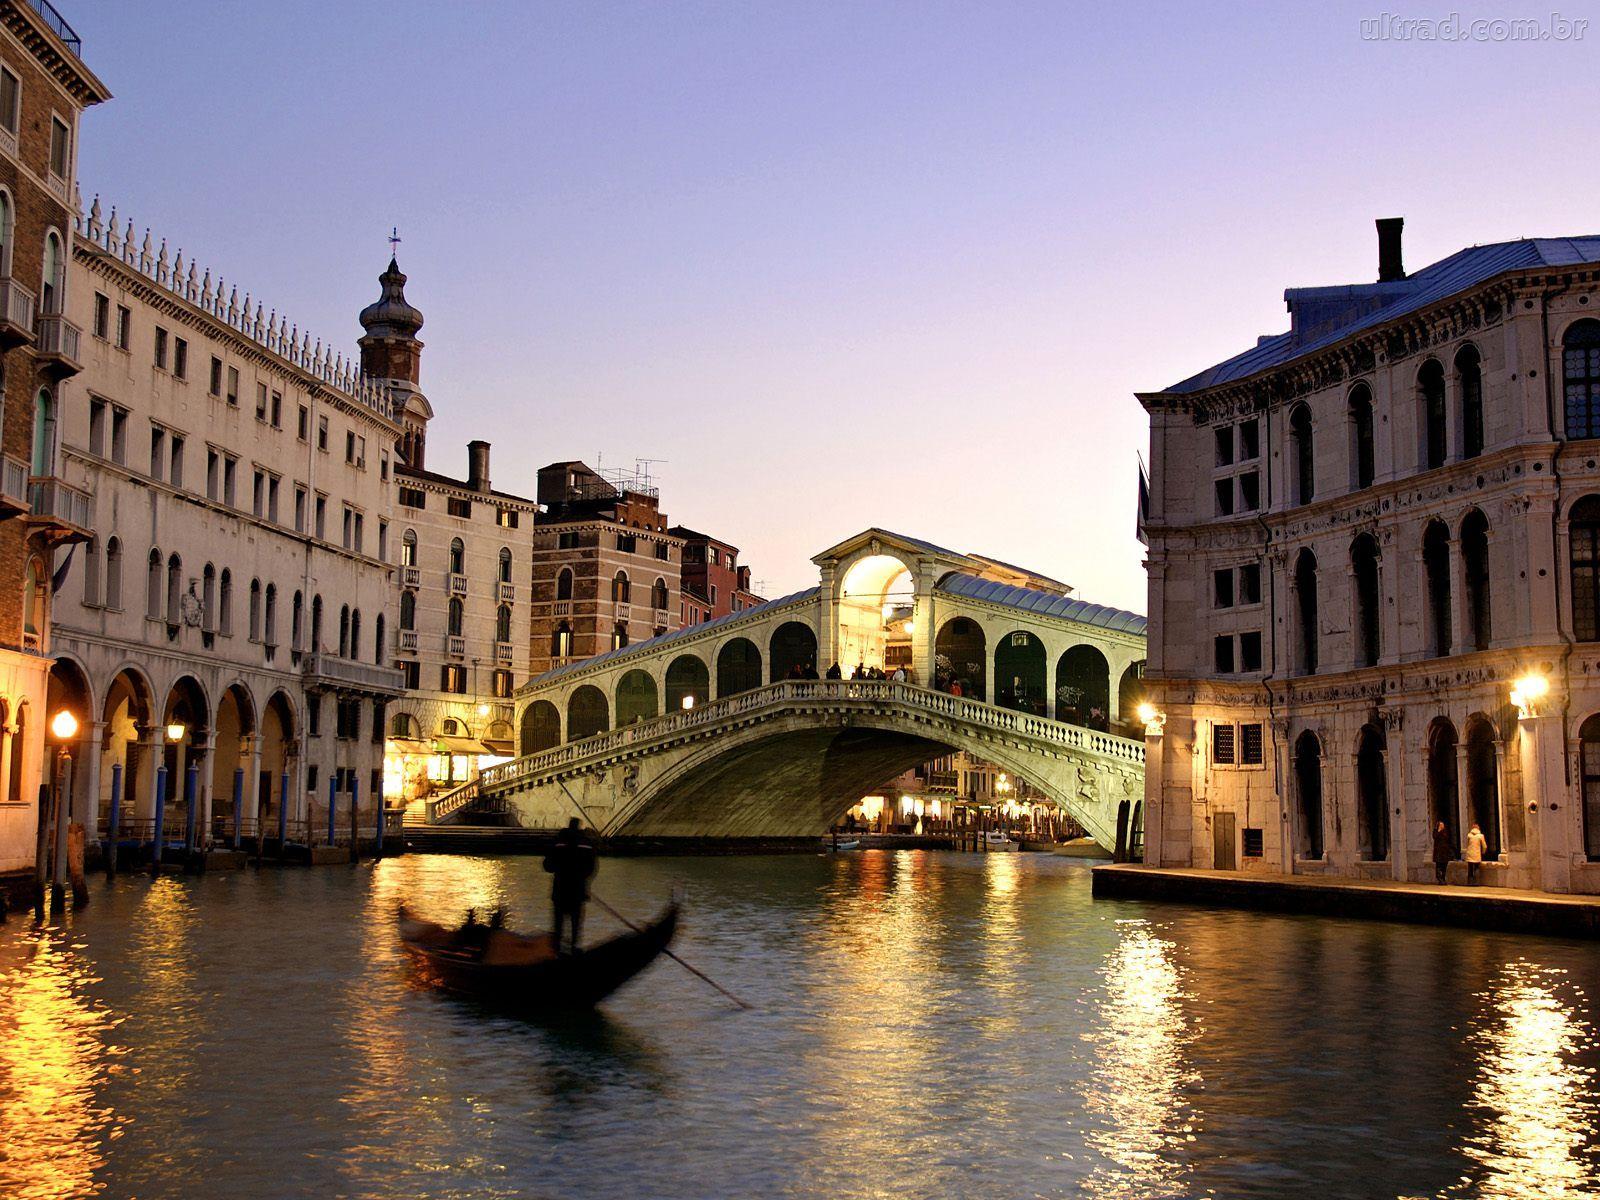 Veneza Grand Canale